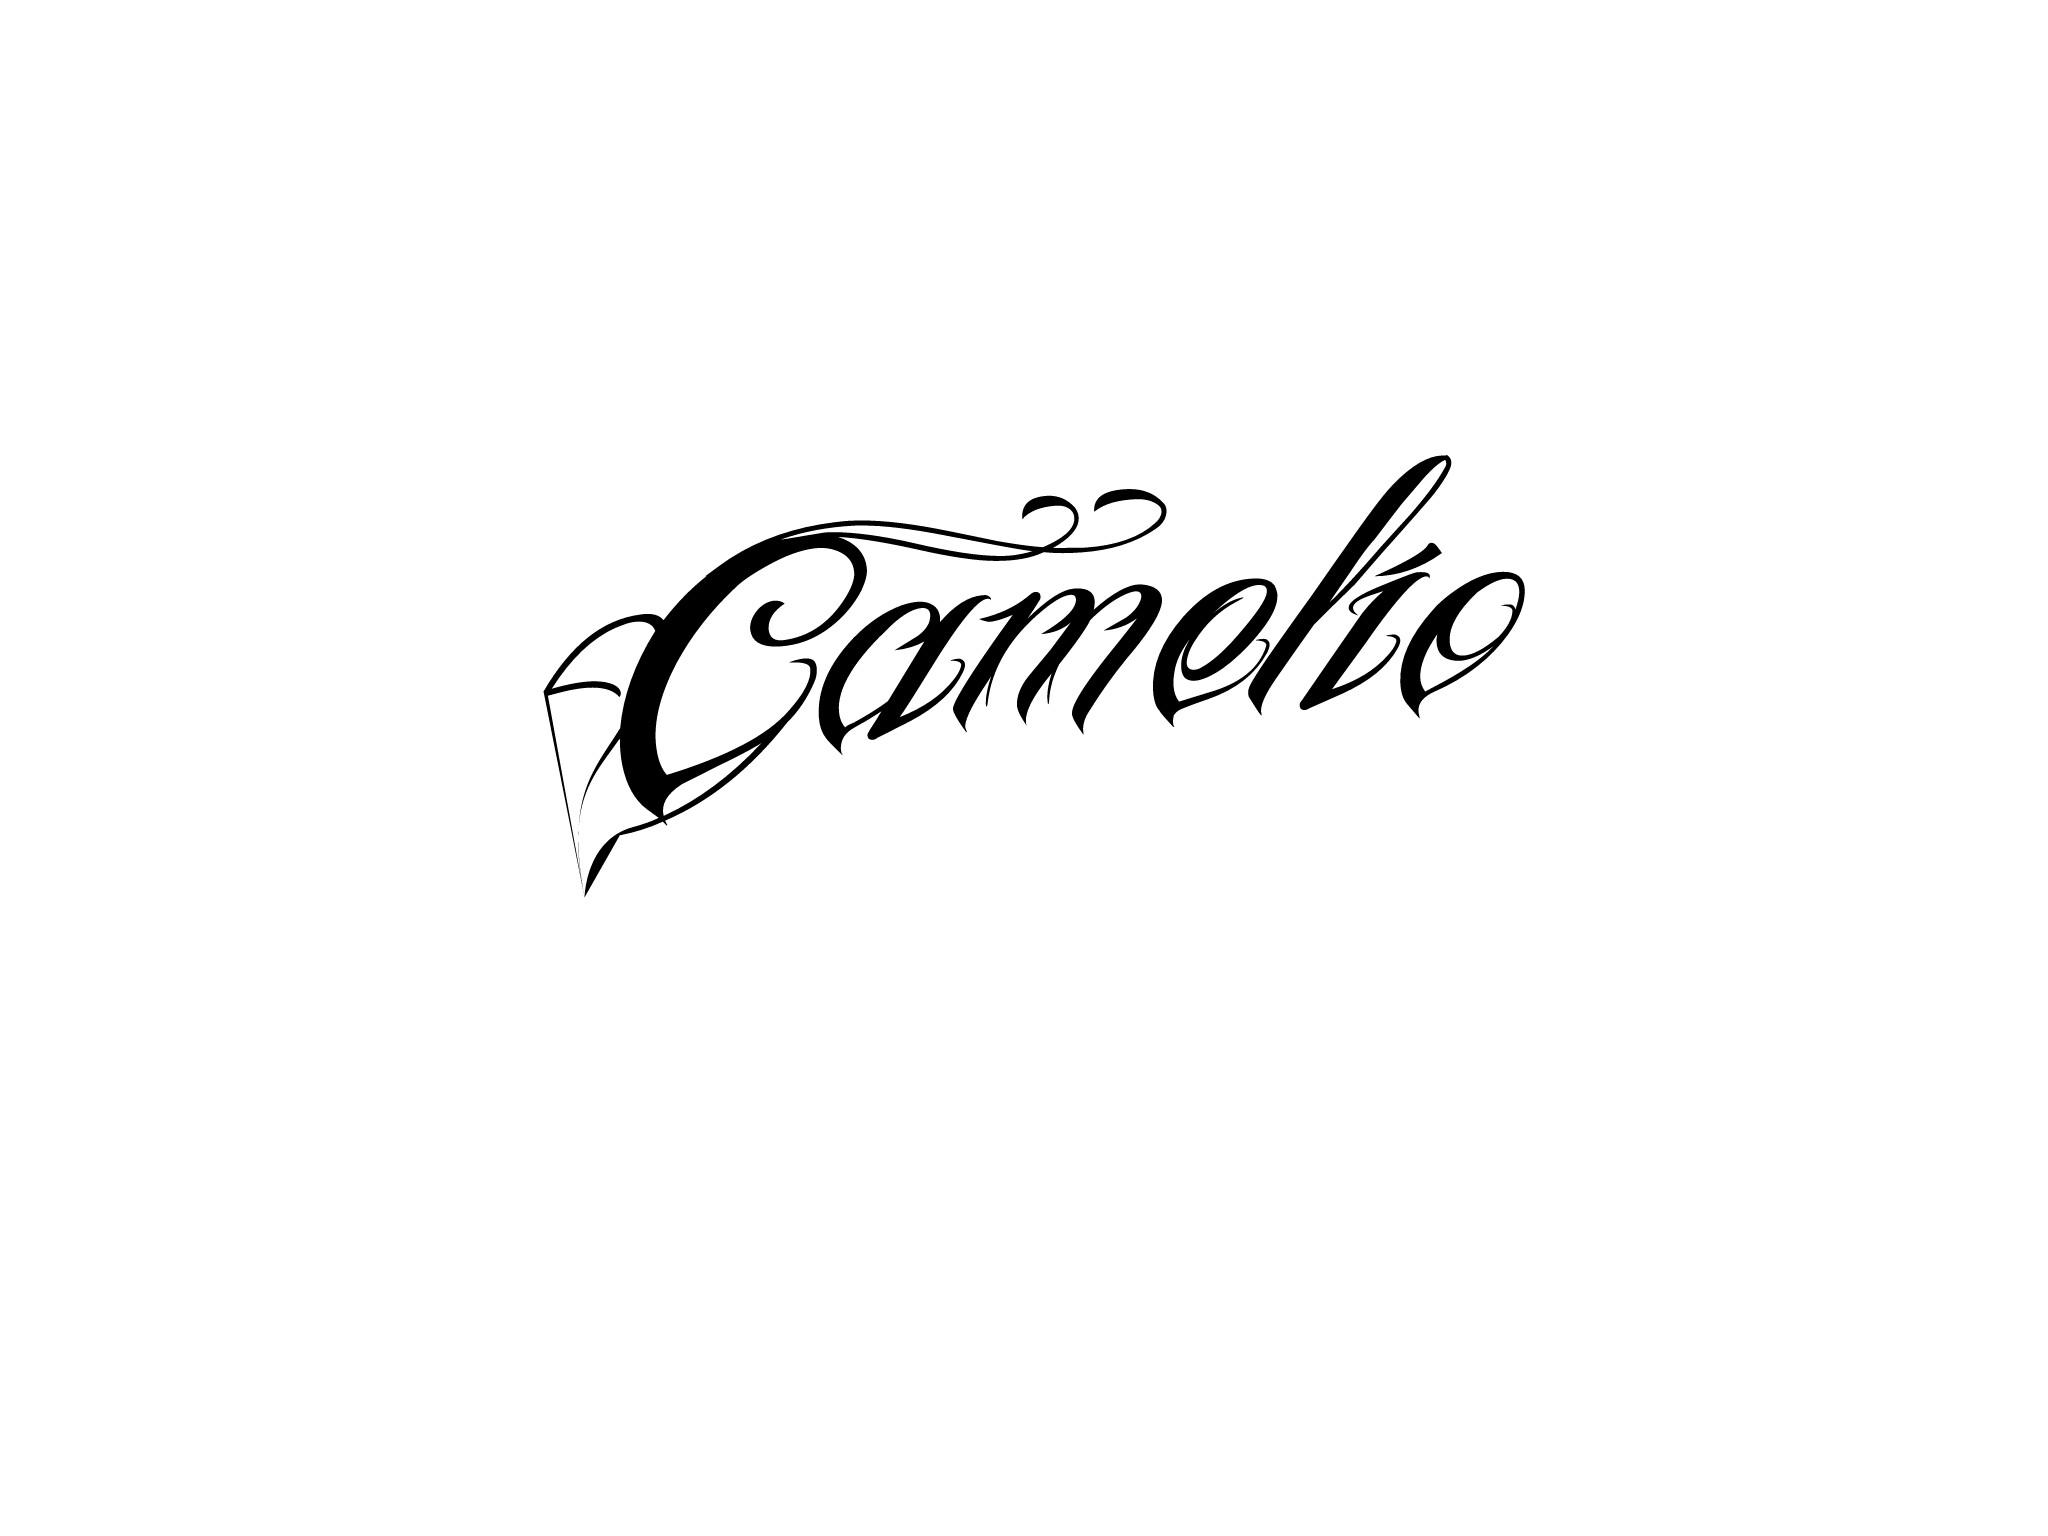 Camelio Herrera Signature